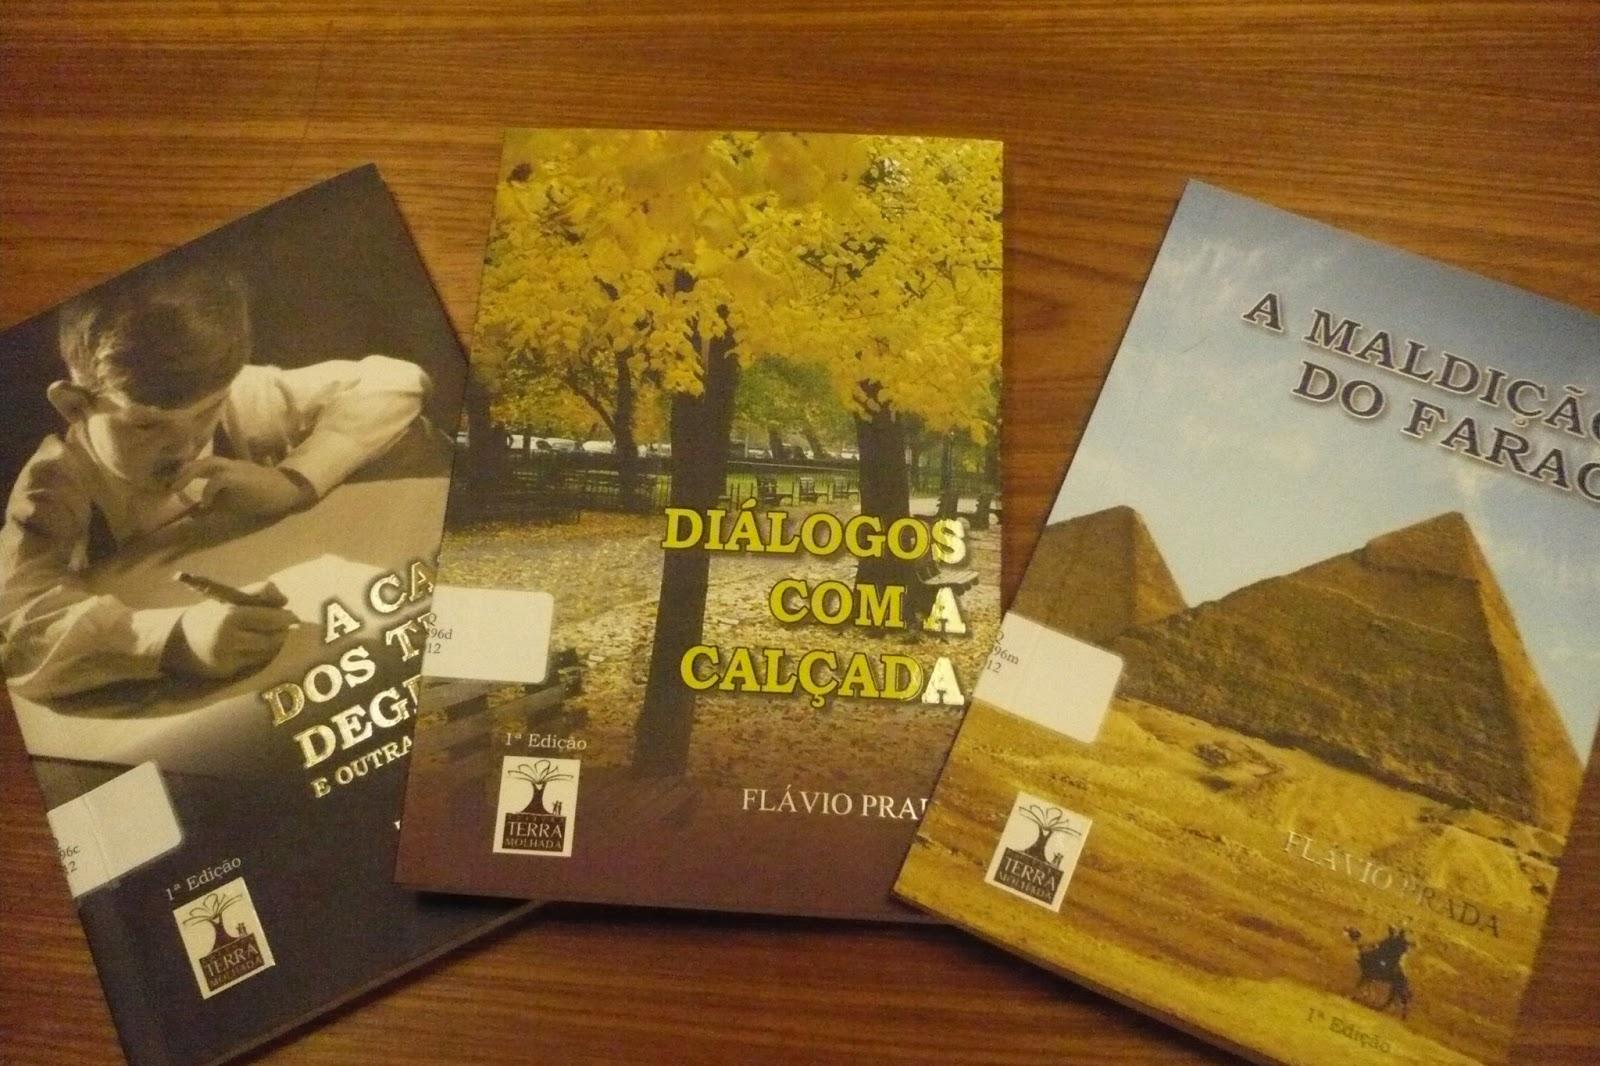 da9d6c3cb ... acervo três títulos escritos pelo professor Flávio Prada,